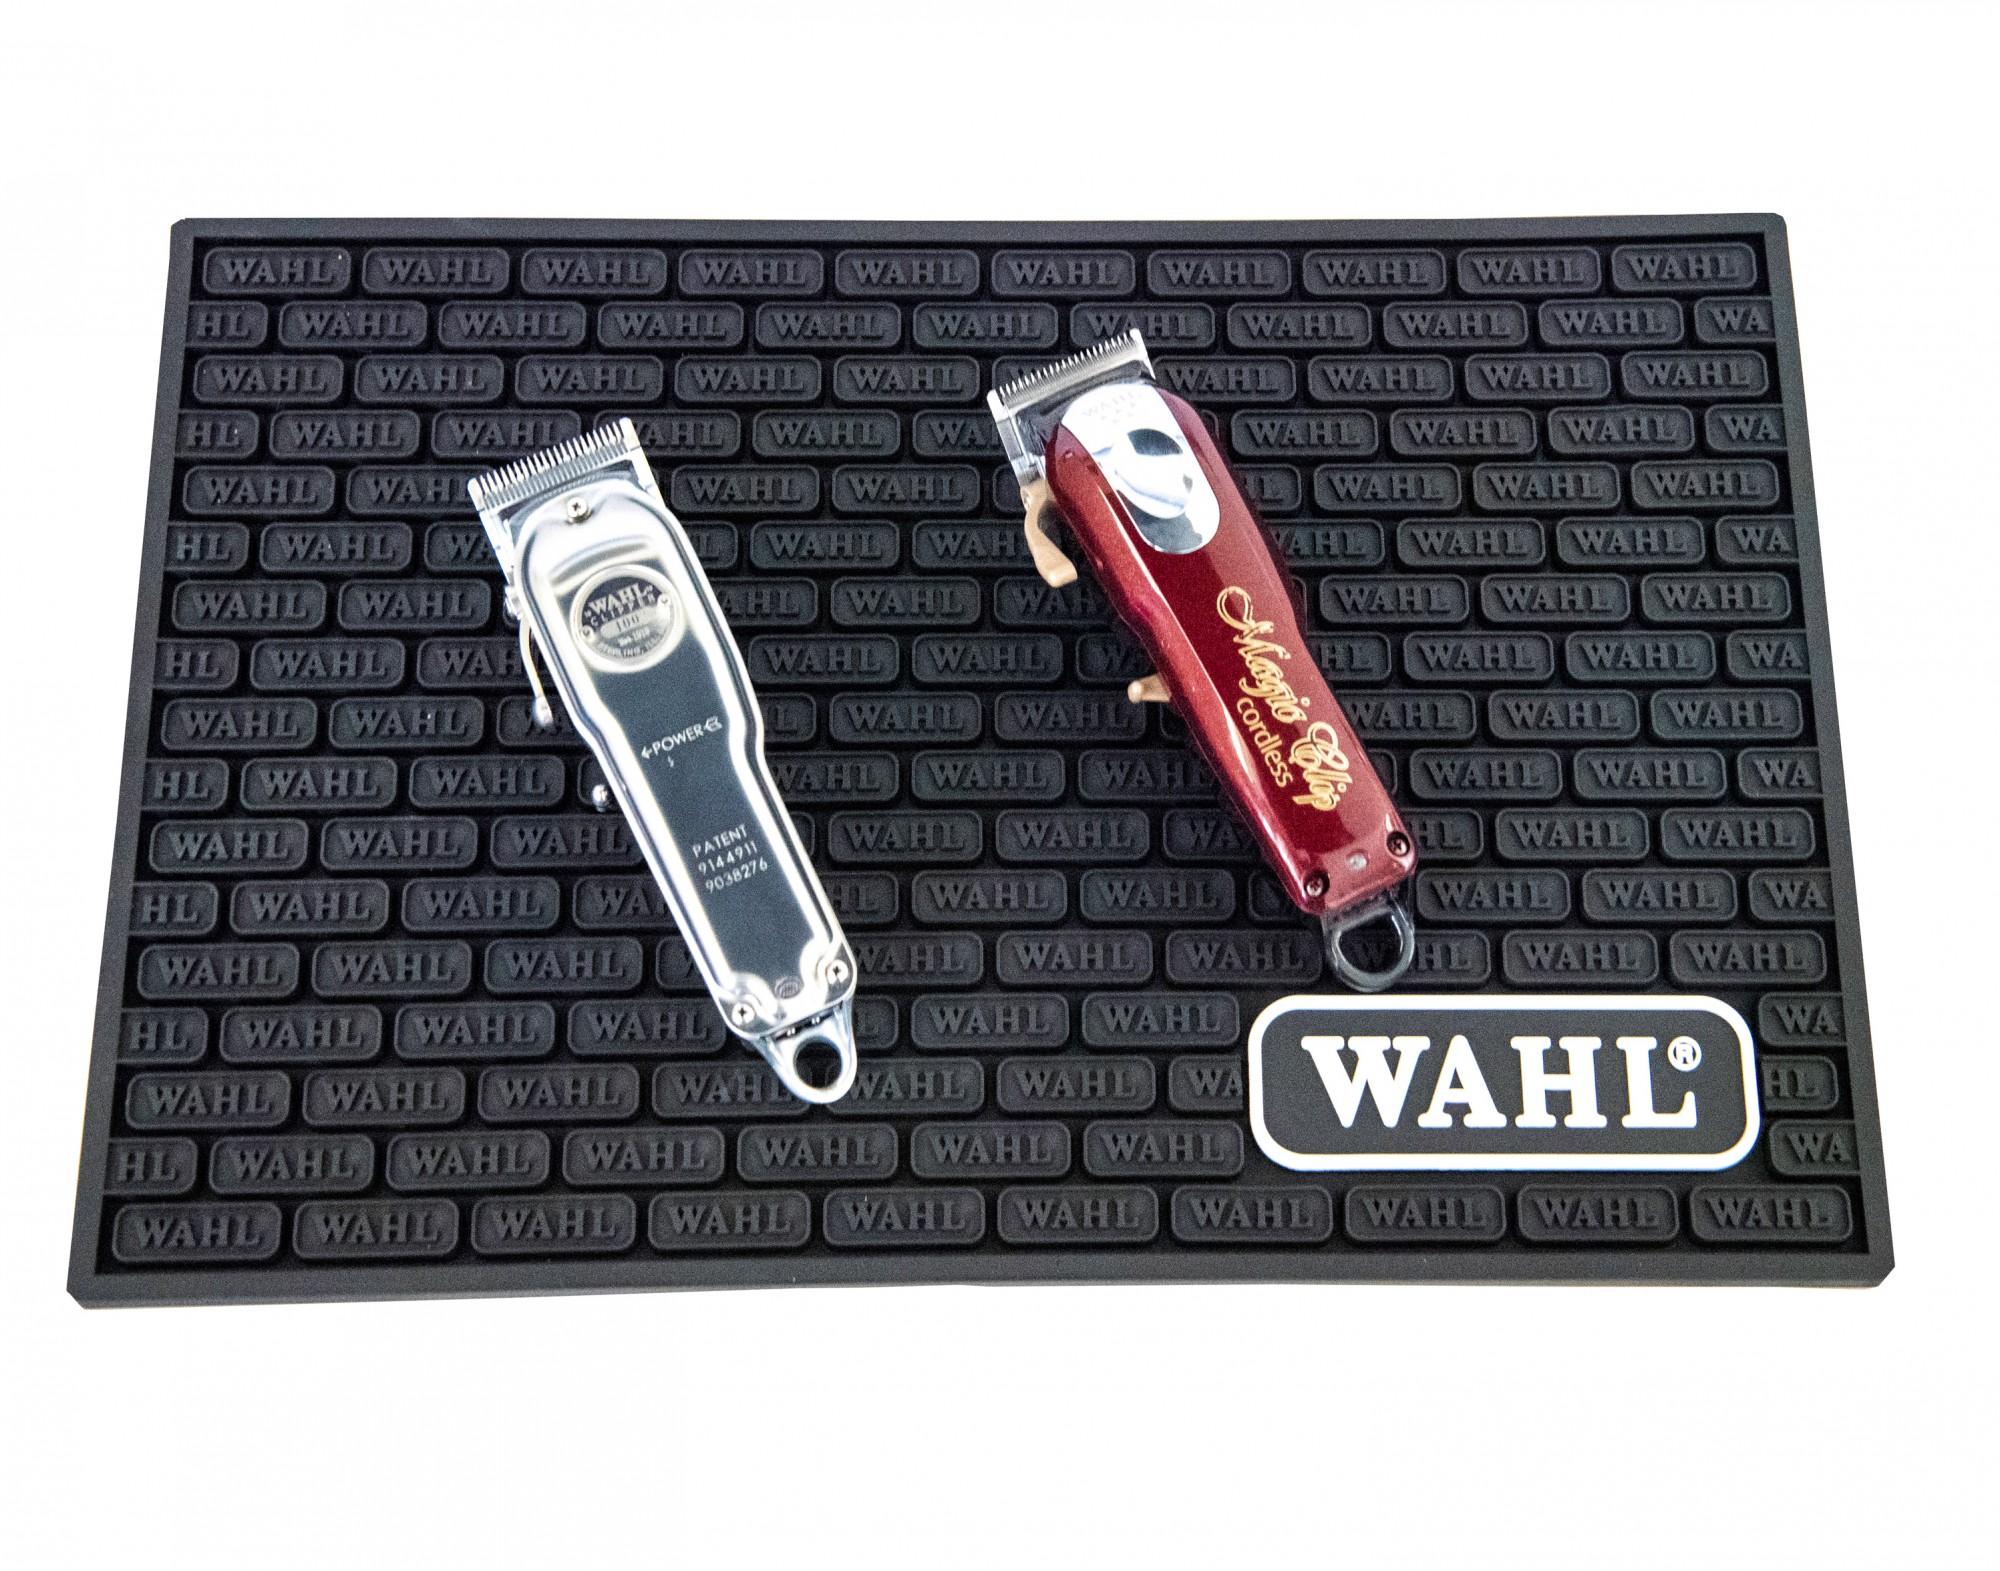 podkladka-robocza-wahl-0093-6410-barber-tool-mat 2